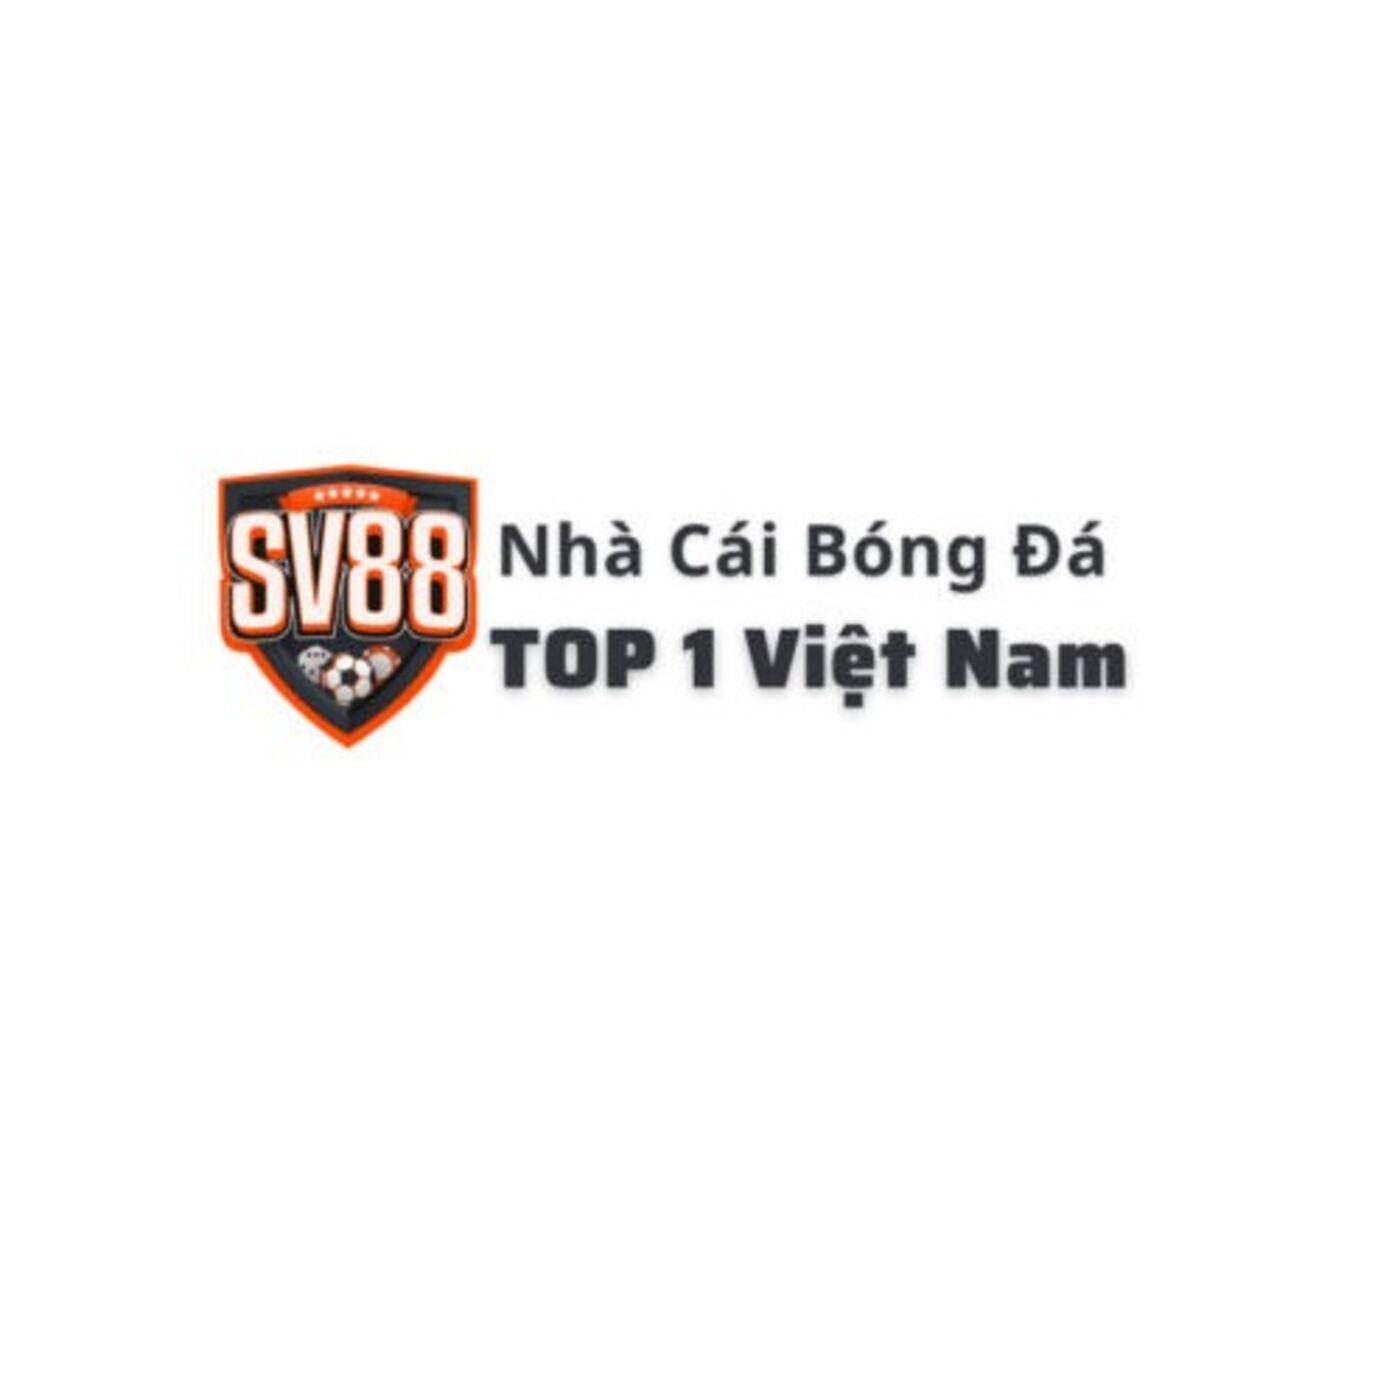 Nha cai SV88 - Nhacaisv88.net